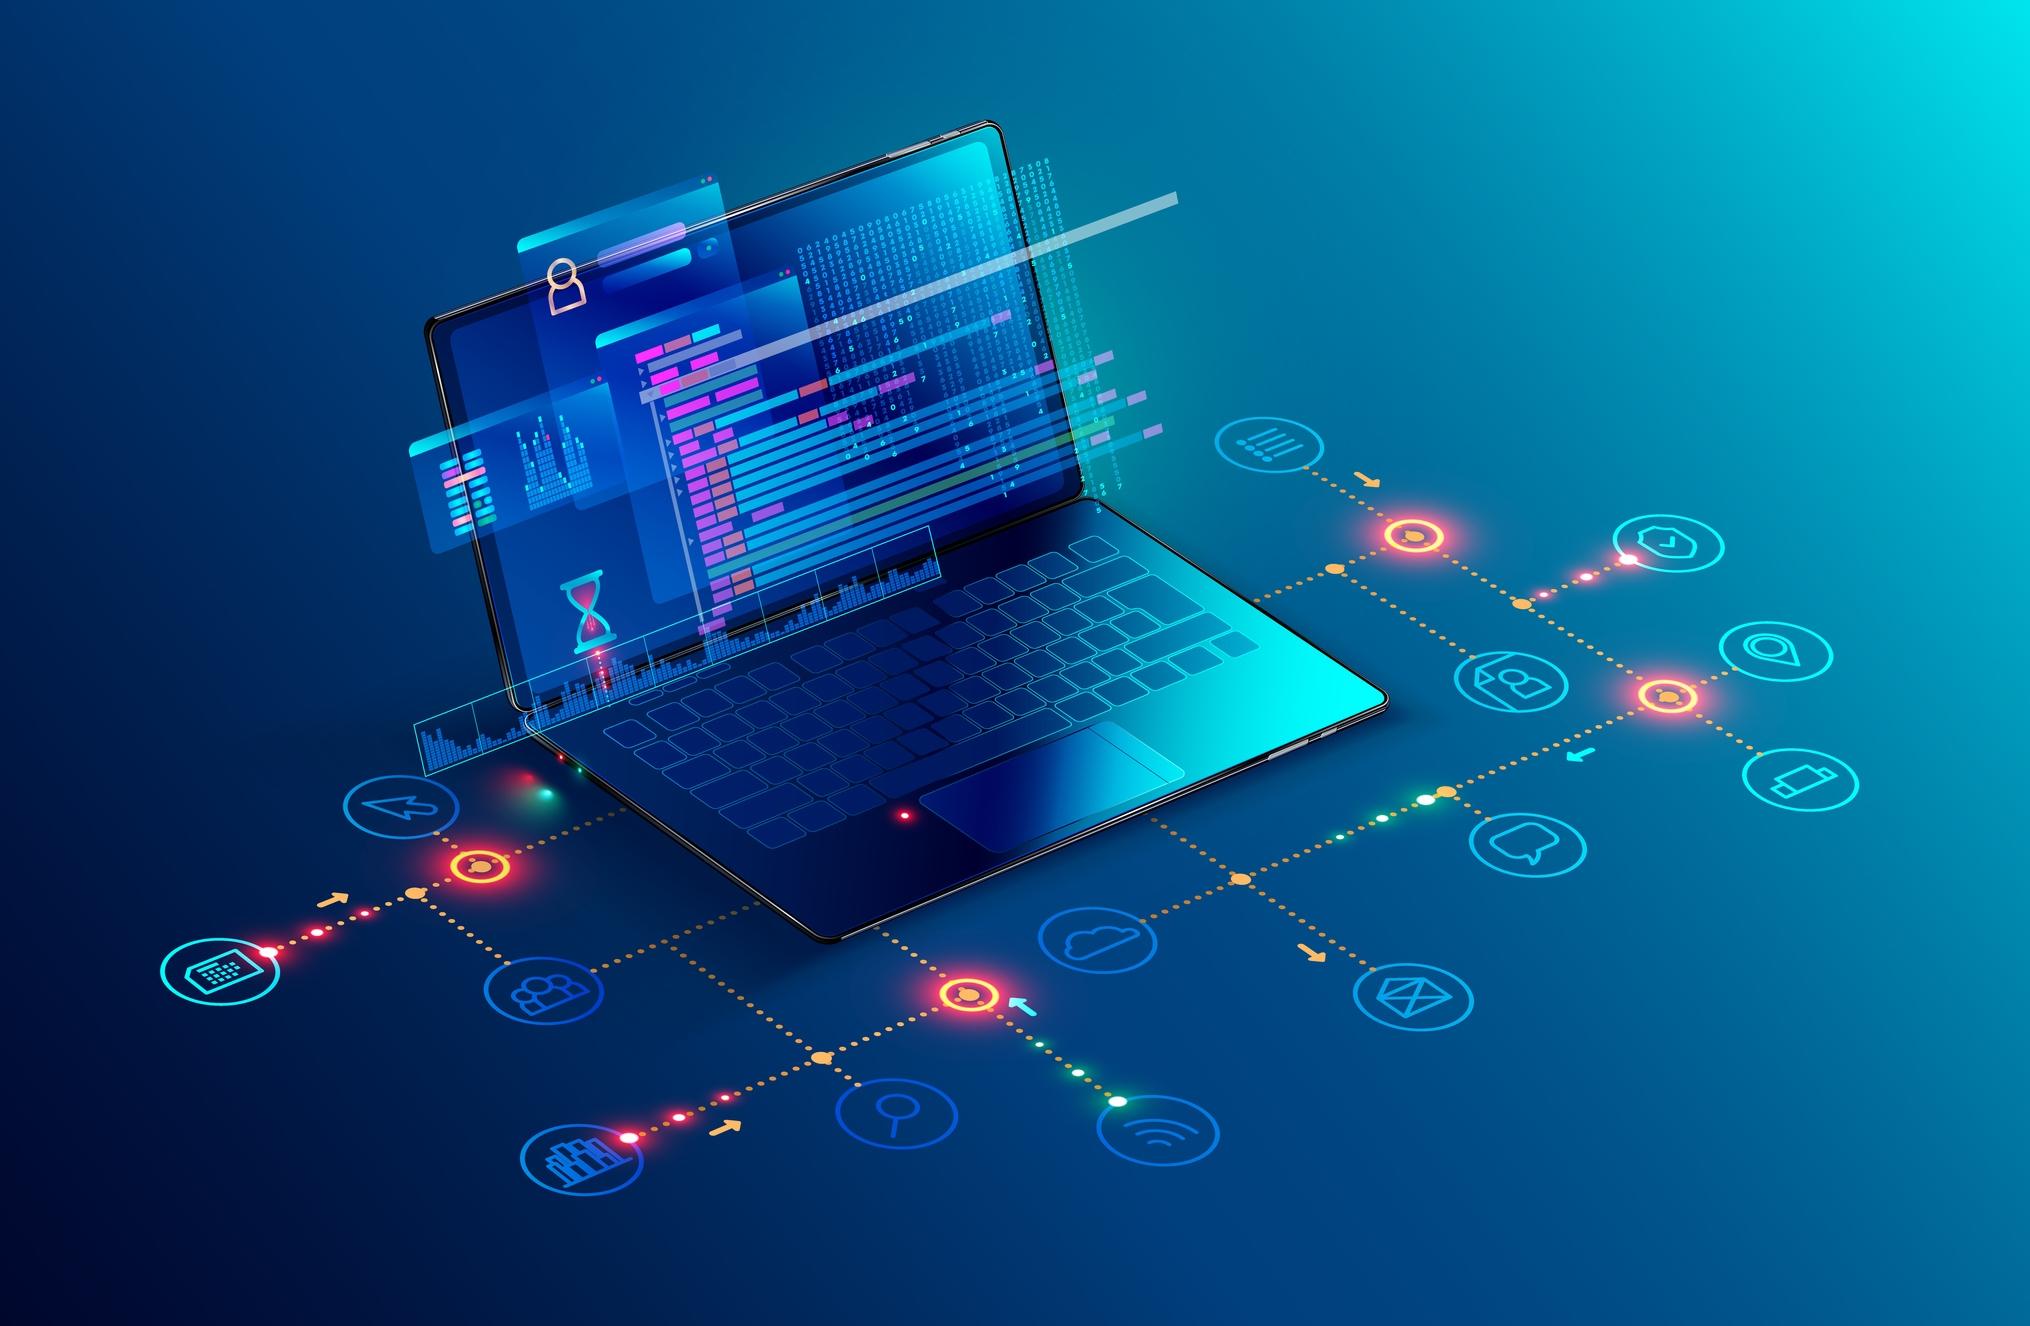 El origen de nombres de la informática que nunca hubieras imaginado |  Tecnología - ComputerHoy.com